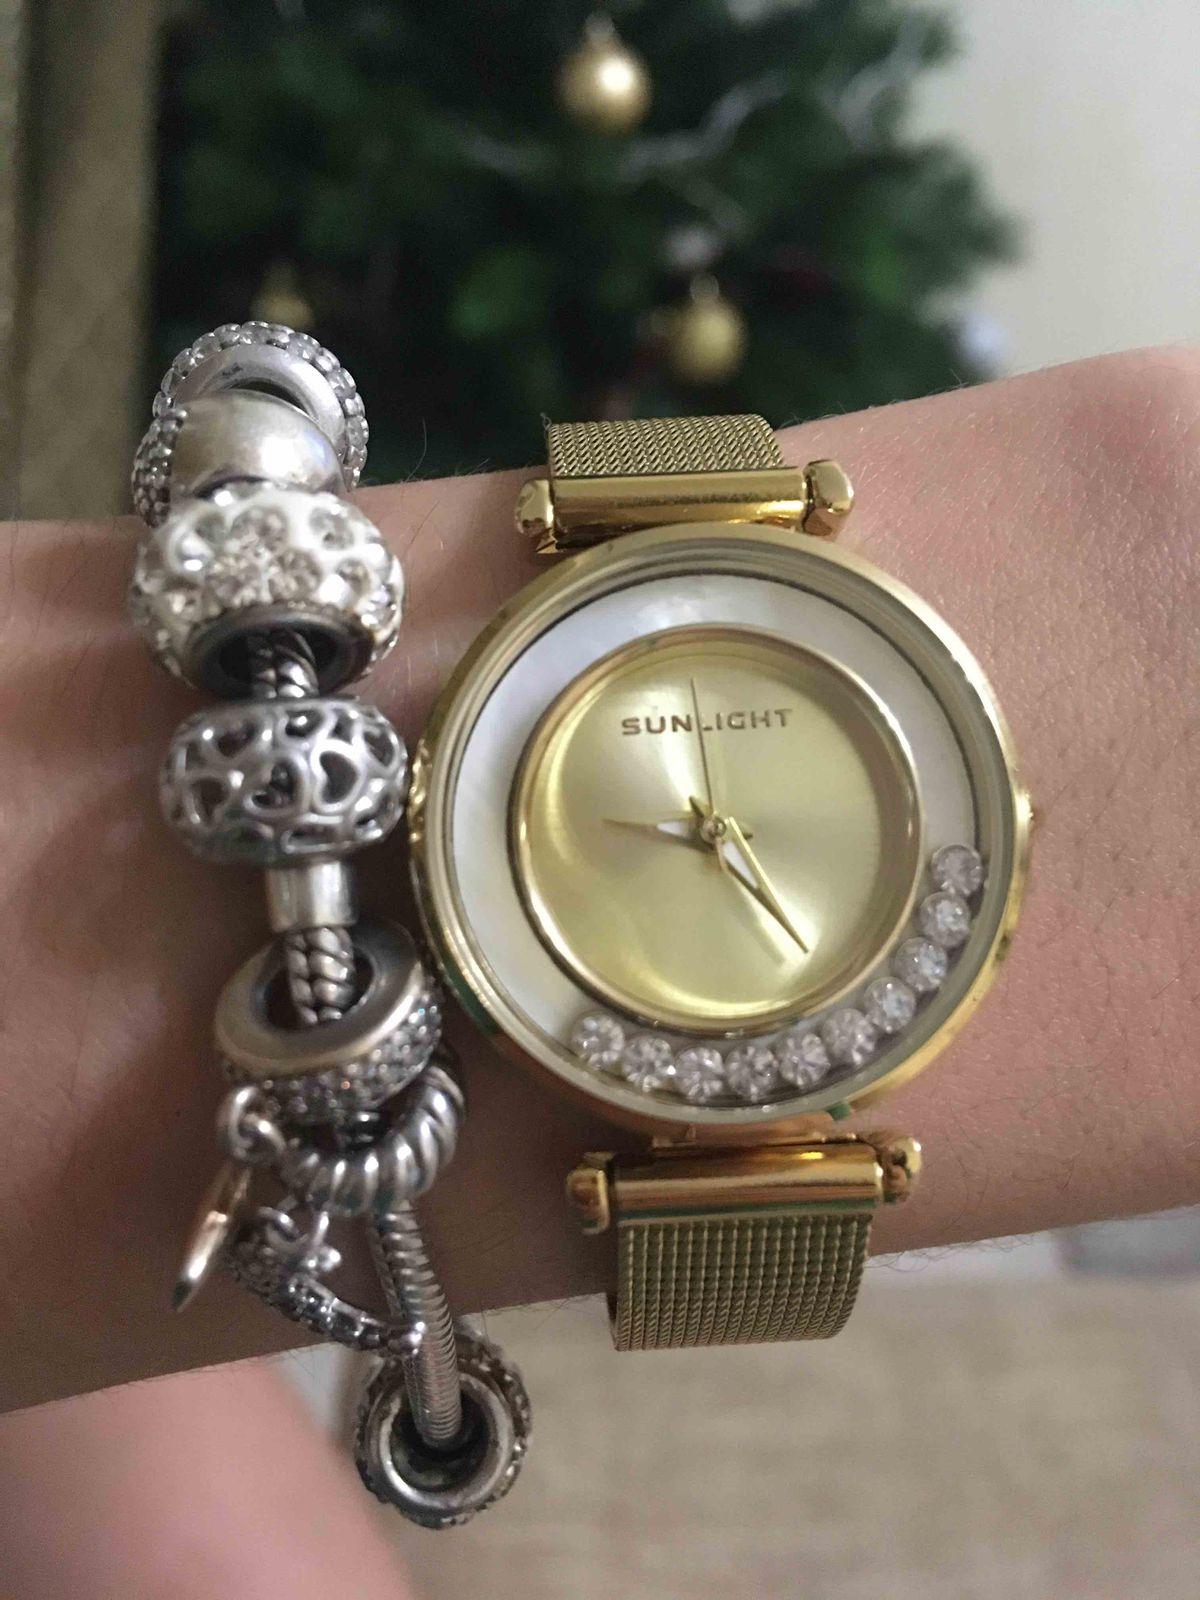 Стильные часы по вкусной цене